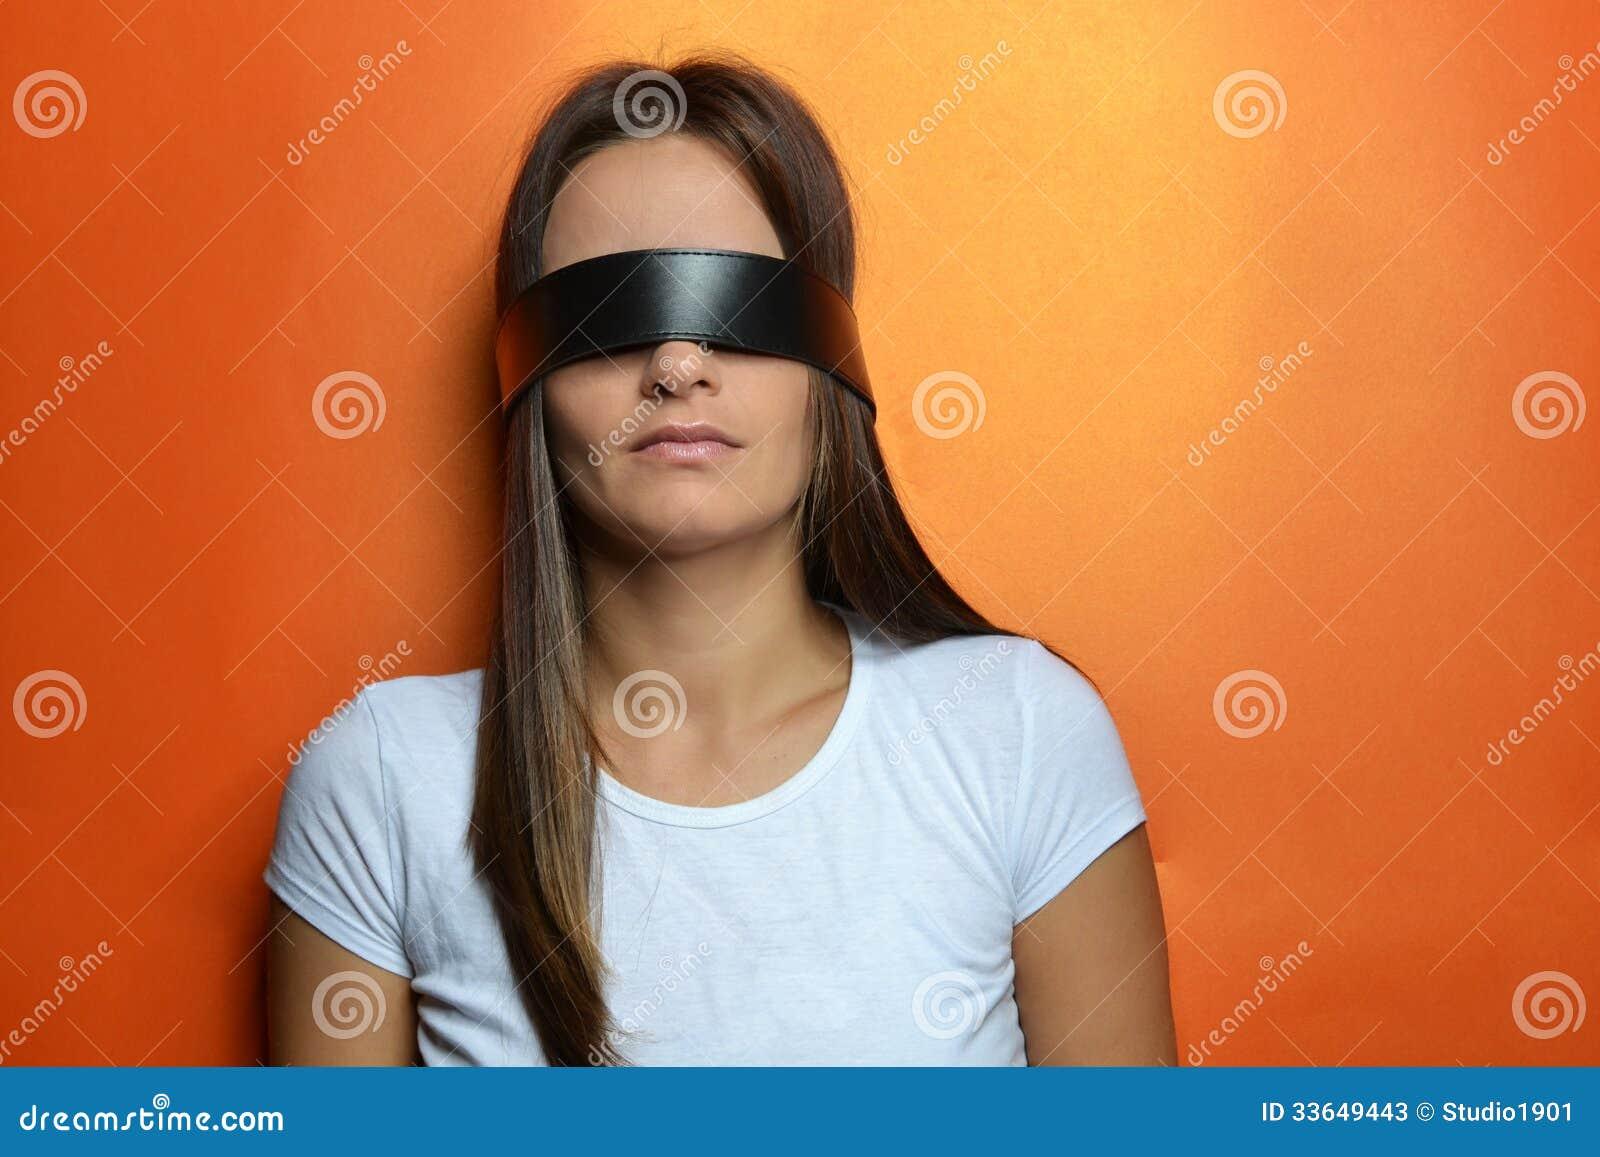 У девушки завязаны глаза, Тонкости занятия любовью с завязанными 30 фотография